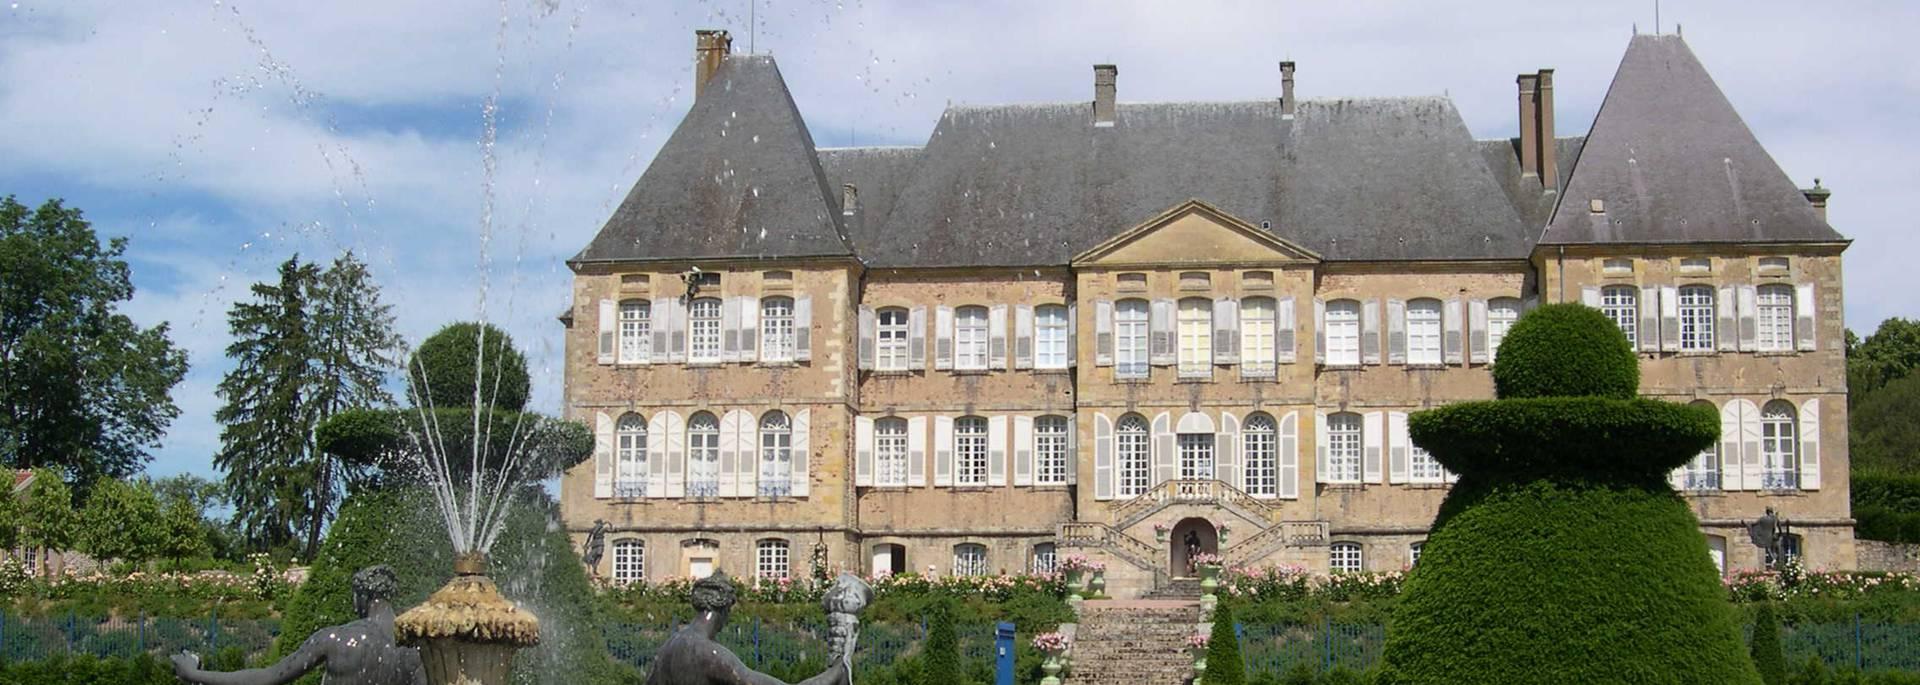 Le château de Drée, à Curbigny, près de La Clayette. © Château de Drée.